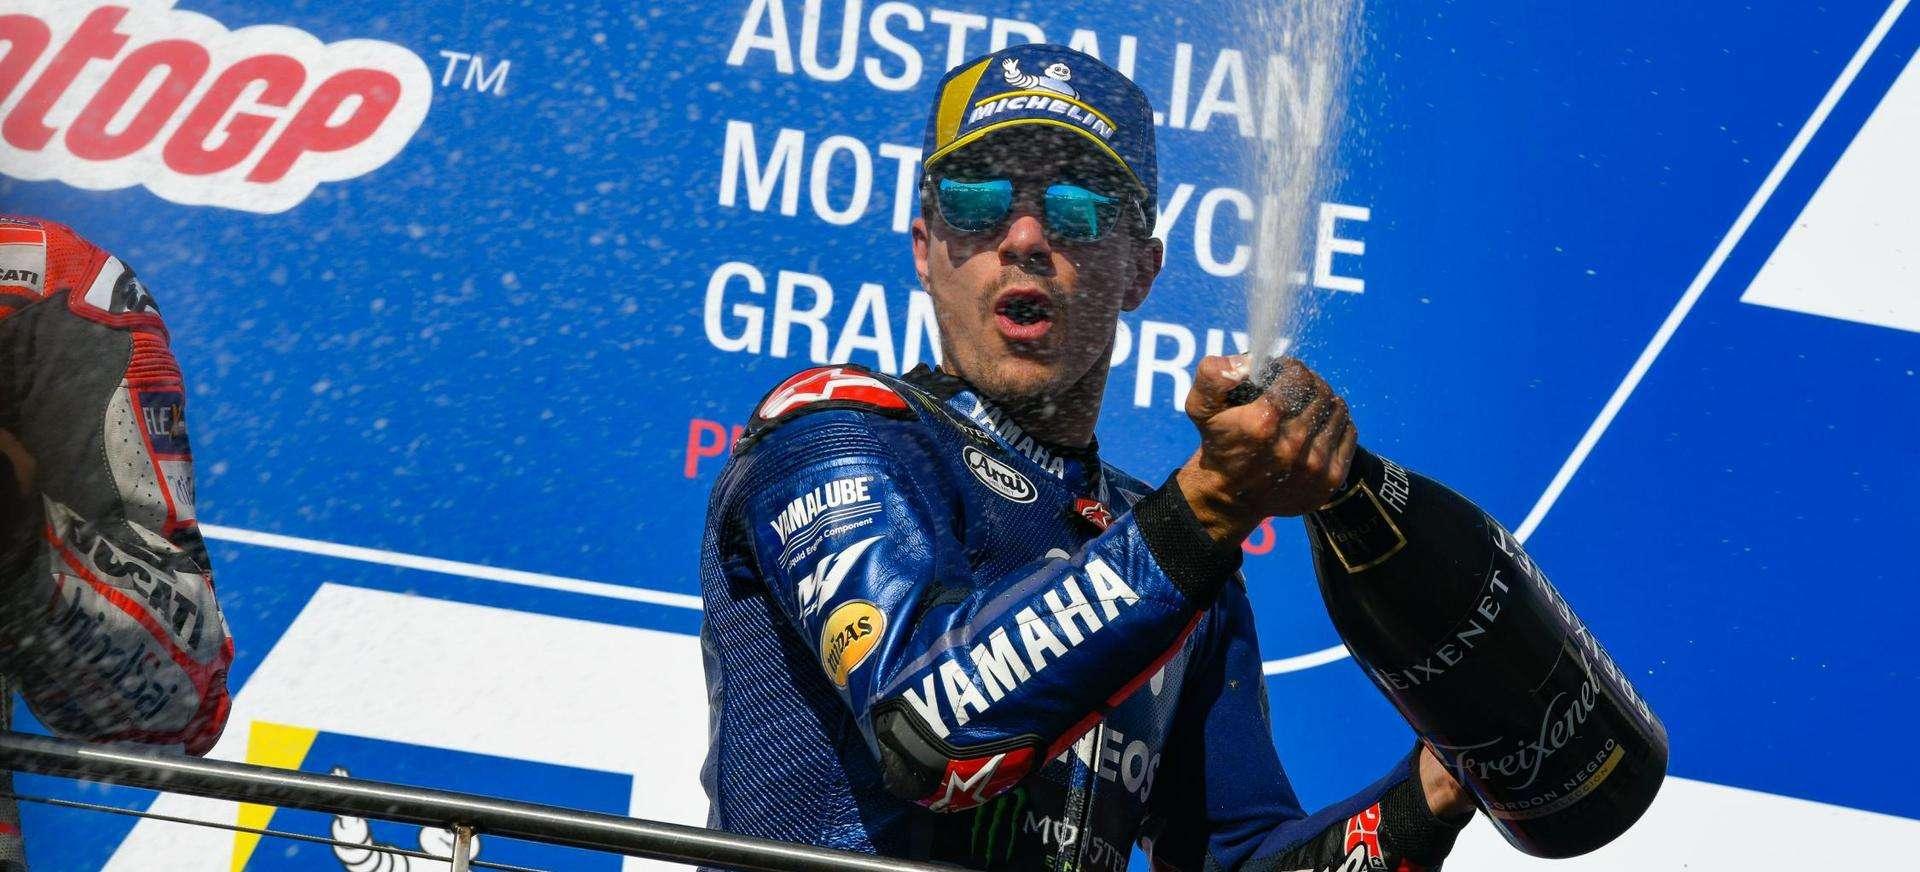 MotoGP 2018: Результаты Гран-При Австралии, Phillip Island (38 фото + видео)